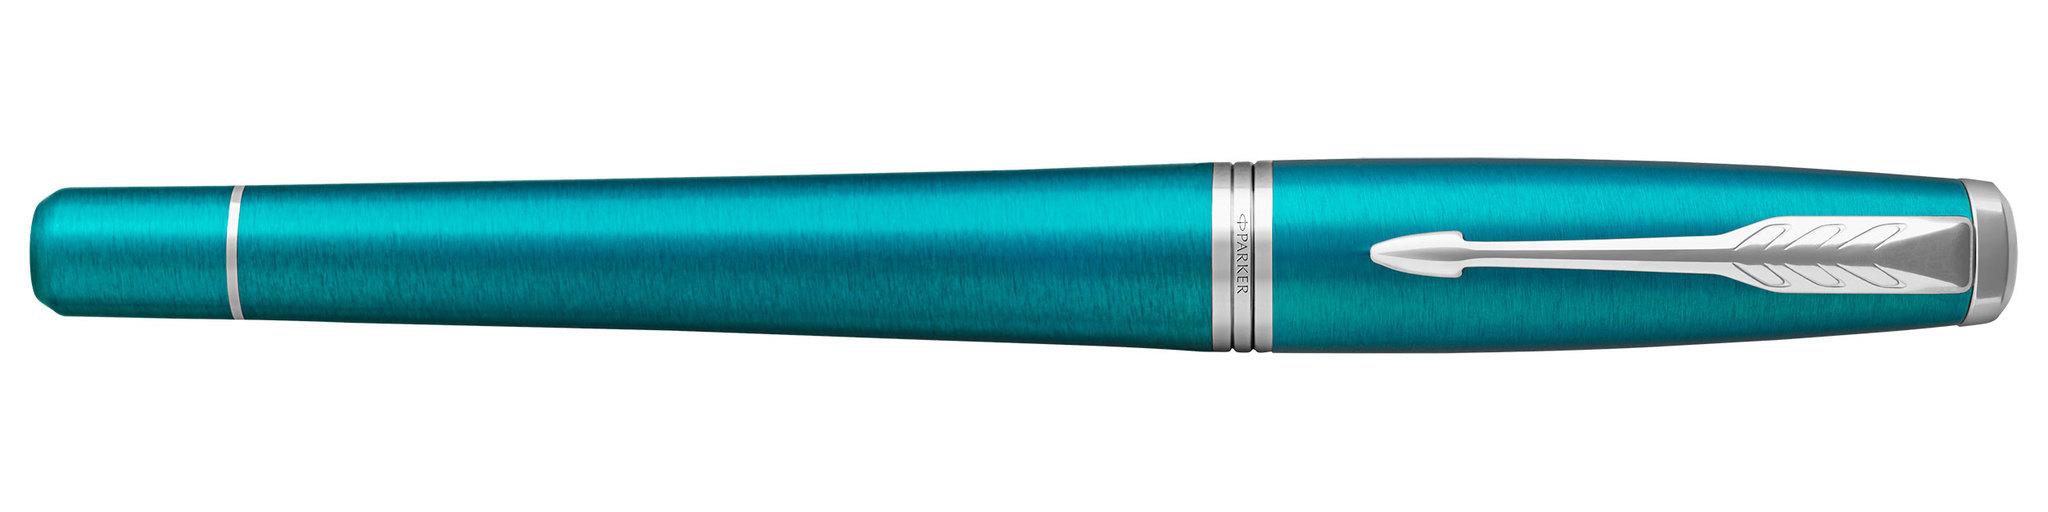 Parker Urban Core - Vibrant Blue CT, ручка-роллер, F, BL